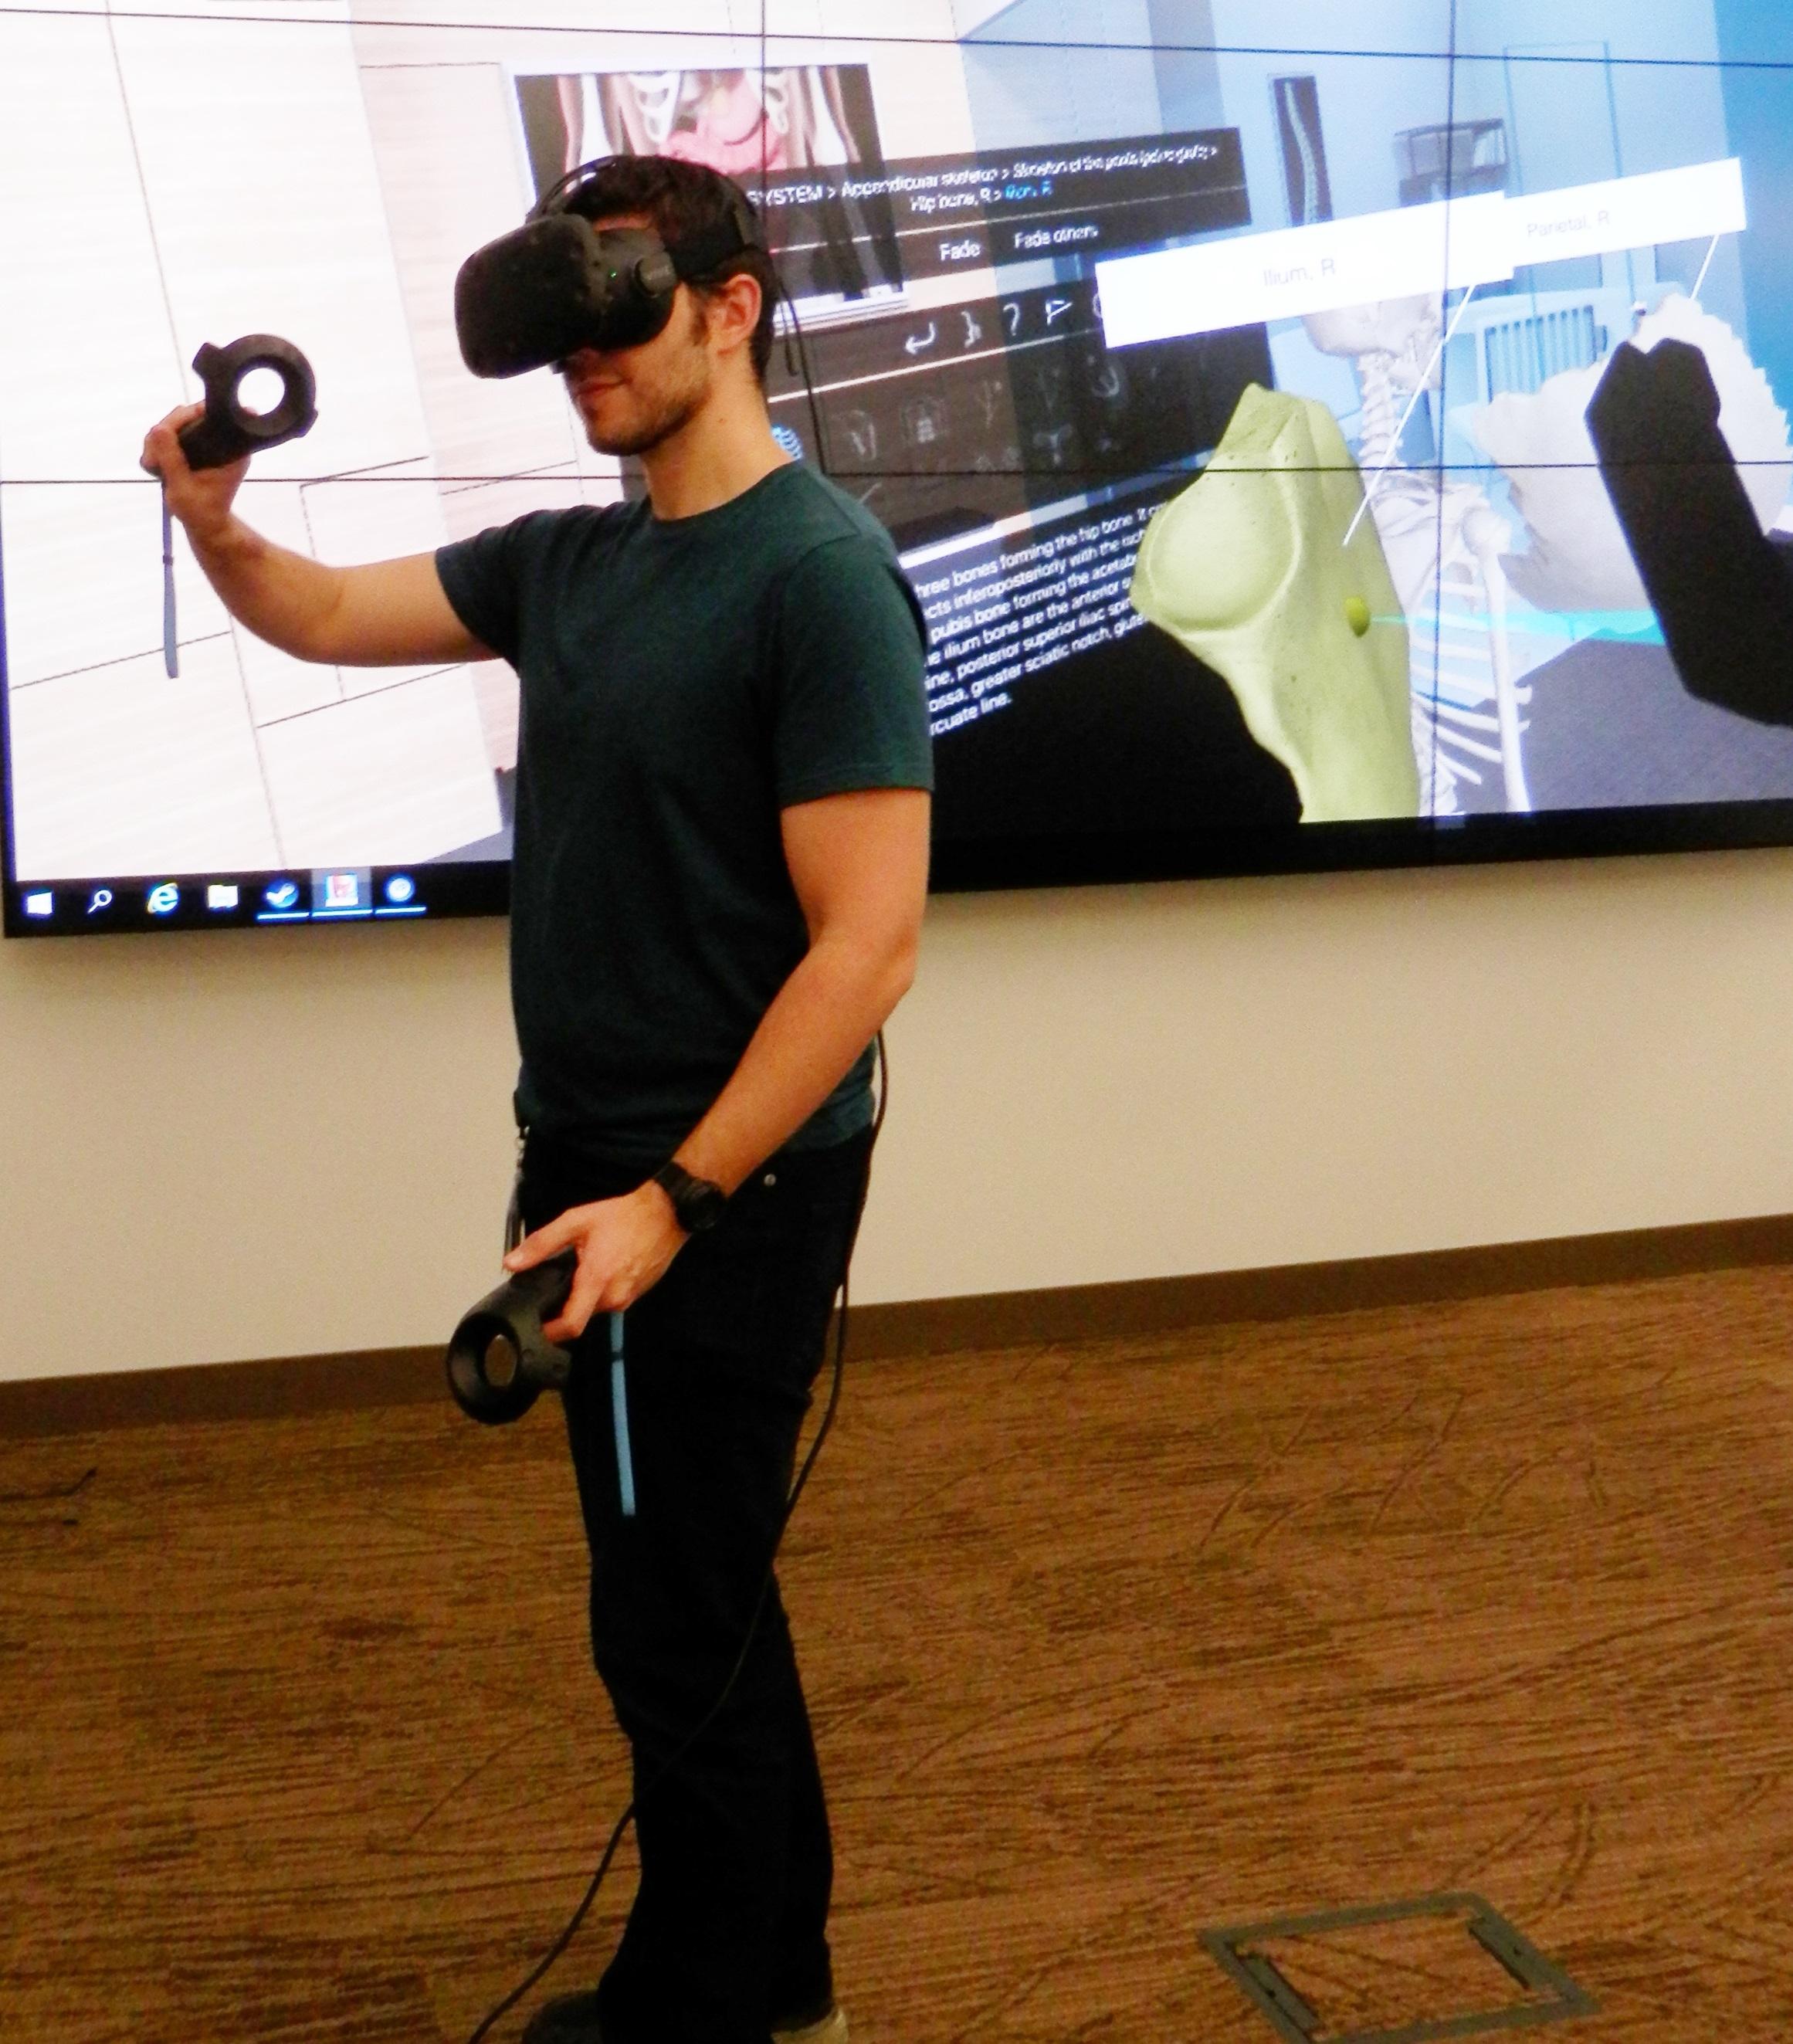 Brennan Ross using VIVE headset